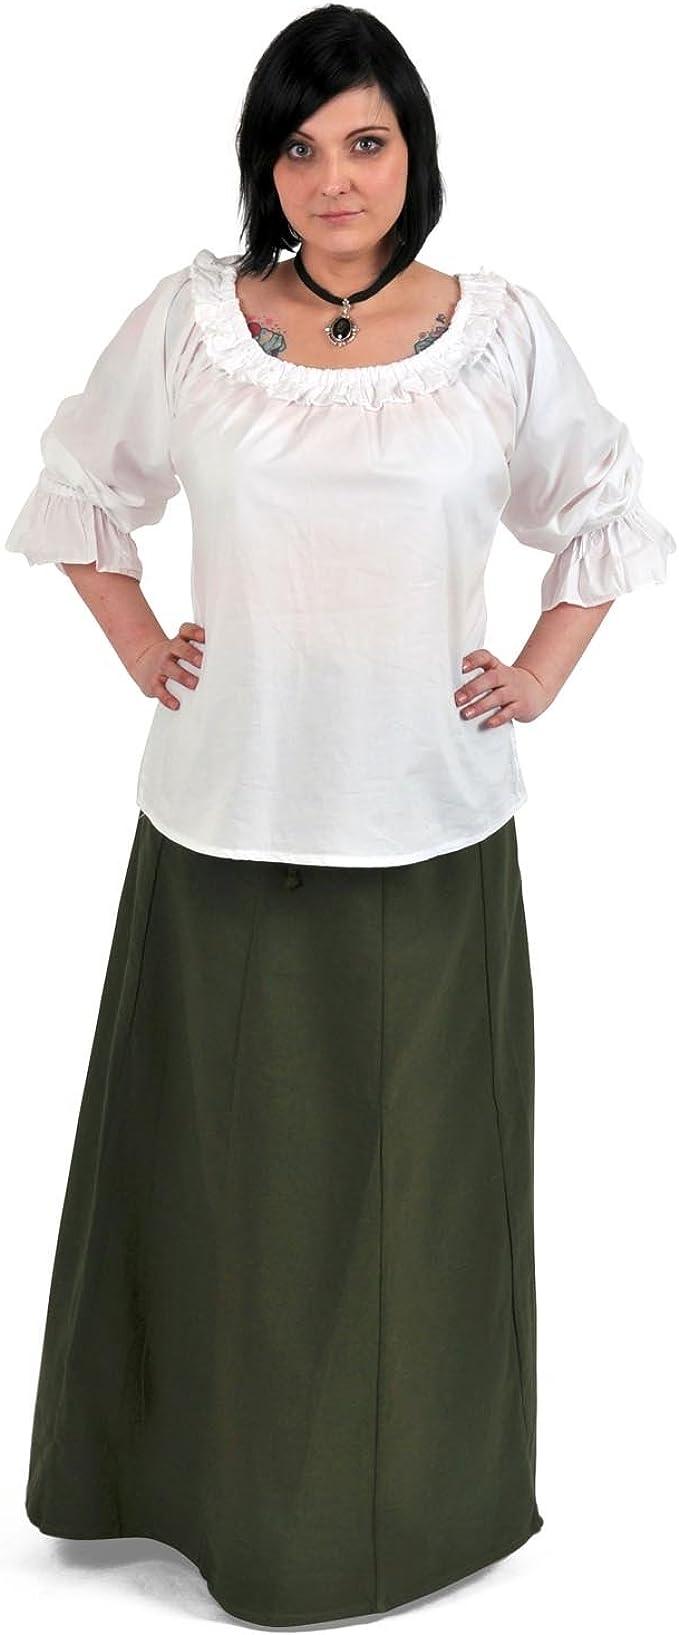 Ropa medieval - Falda larga Judith - verde - S/M: Amazon.es: Ropa ...